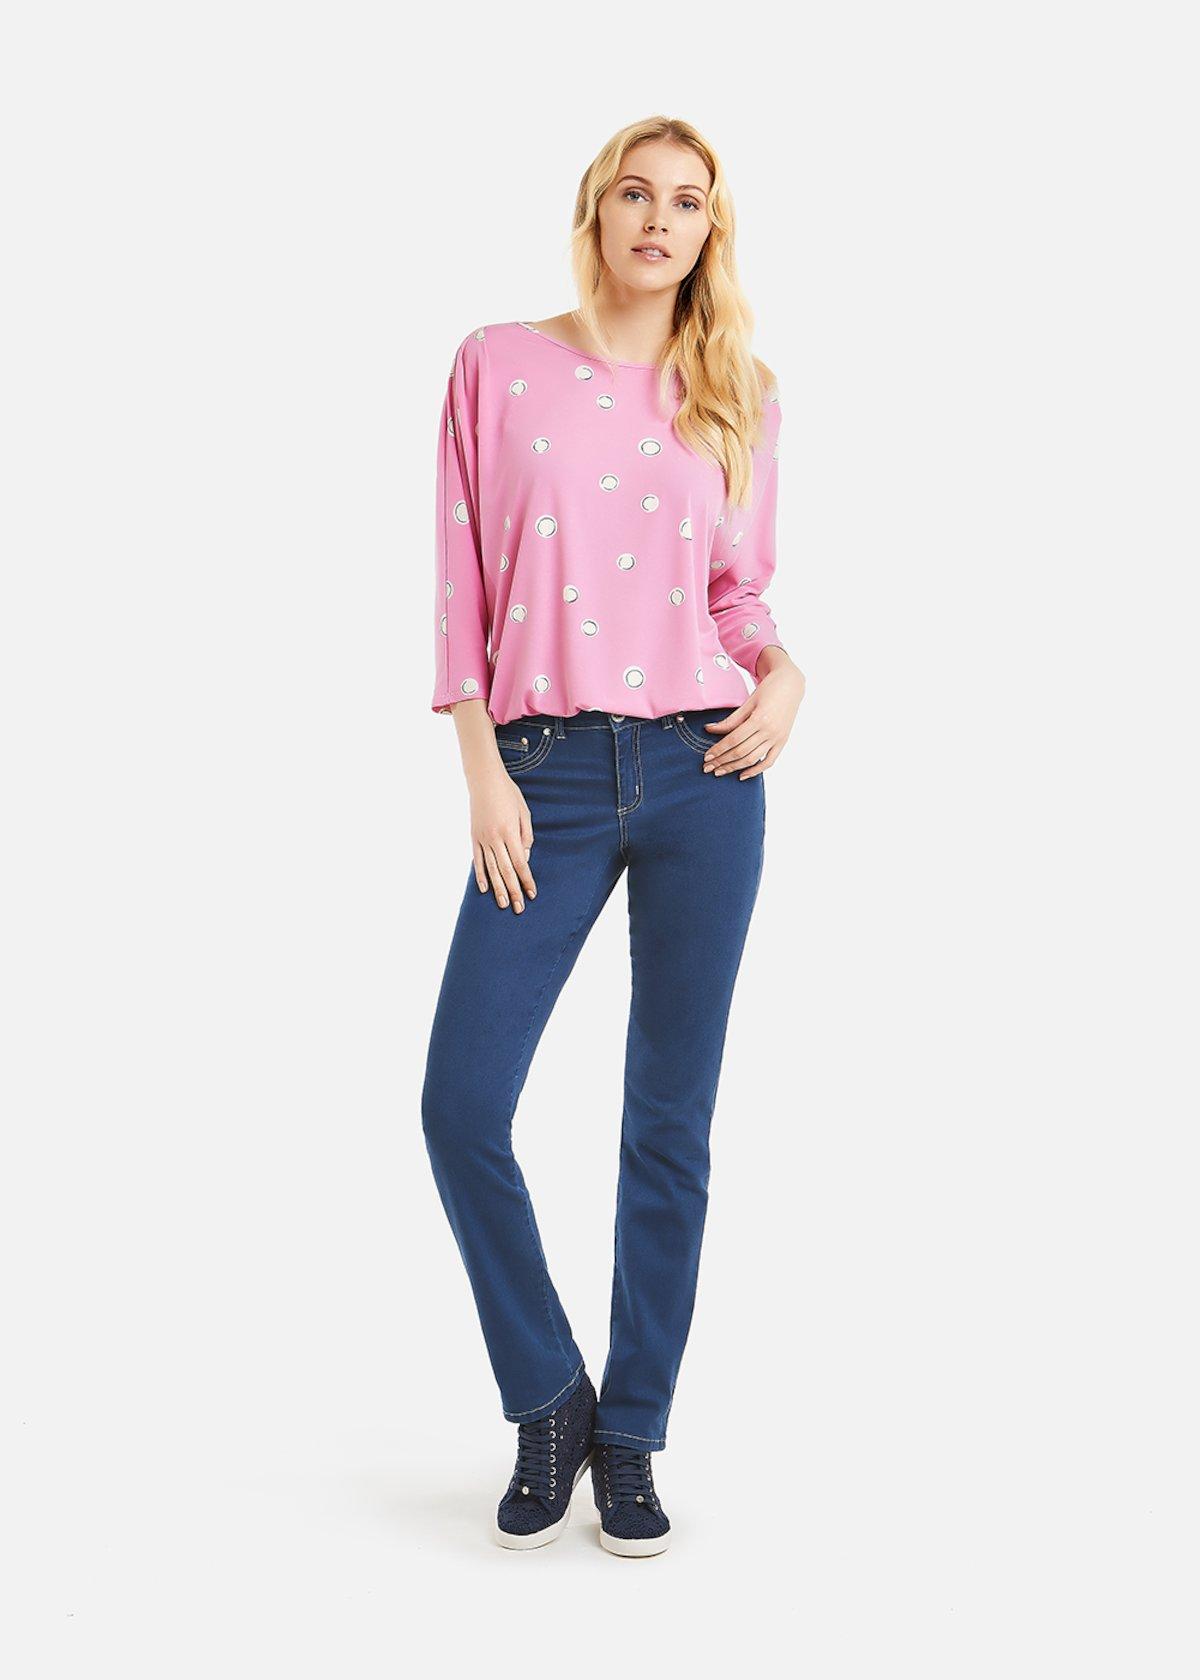 Jeans skinny Donkey 5 tasche